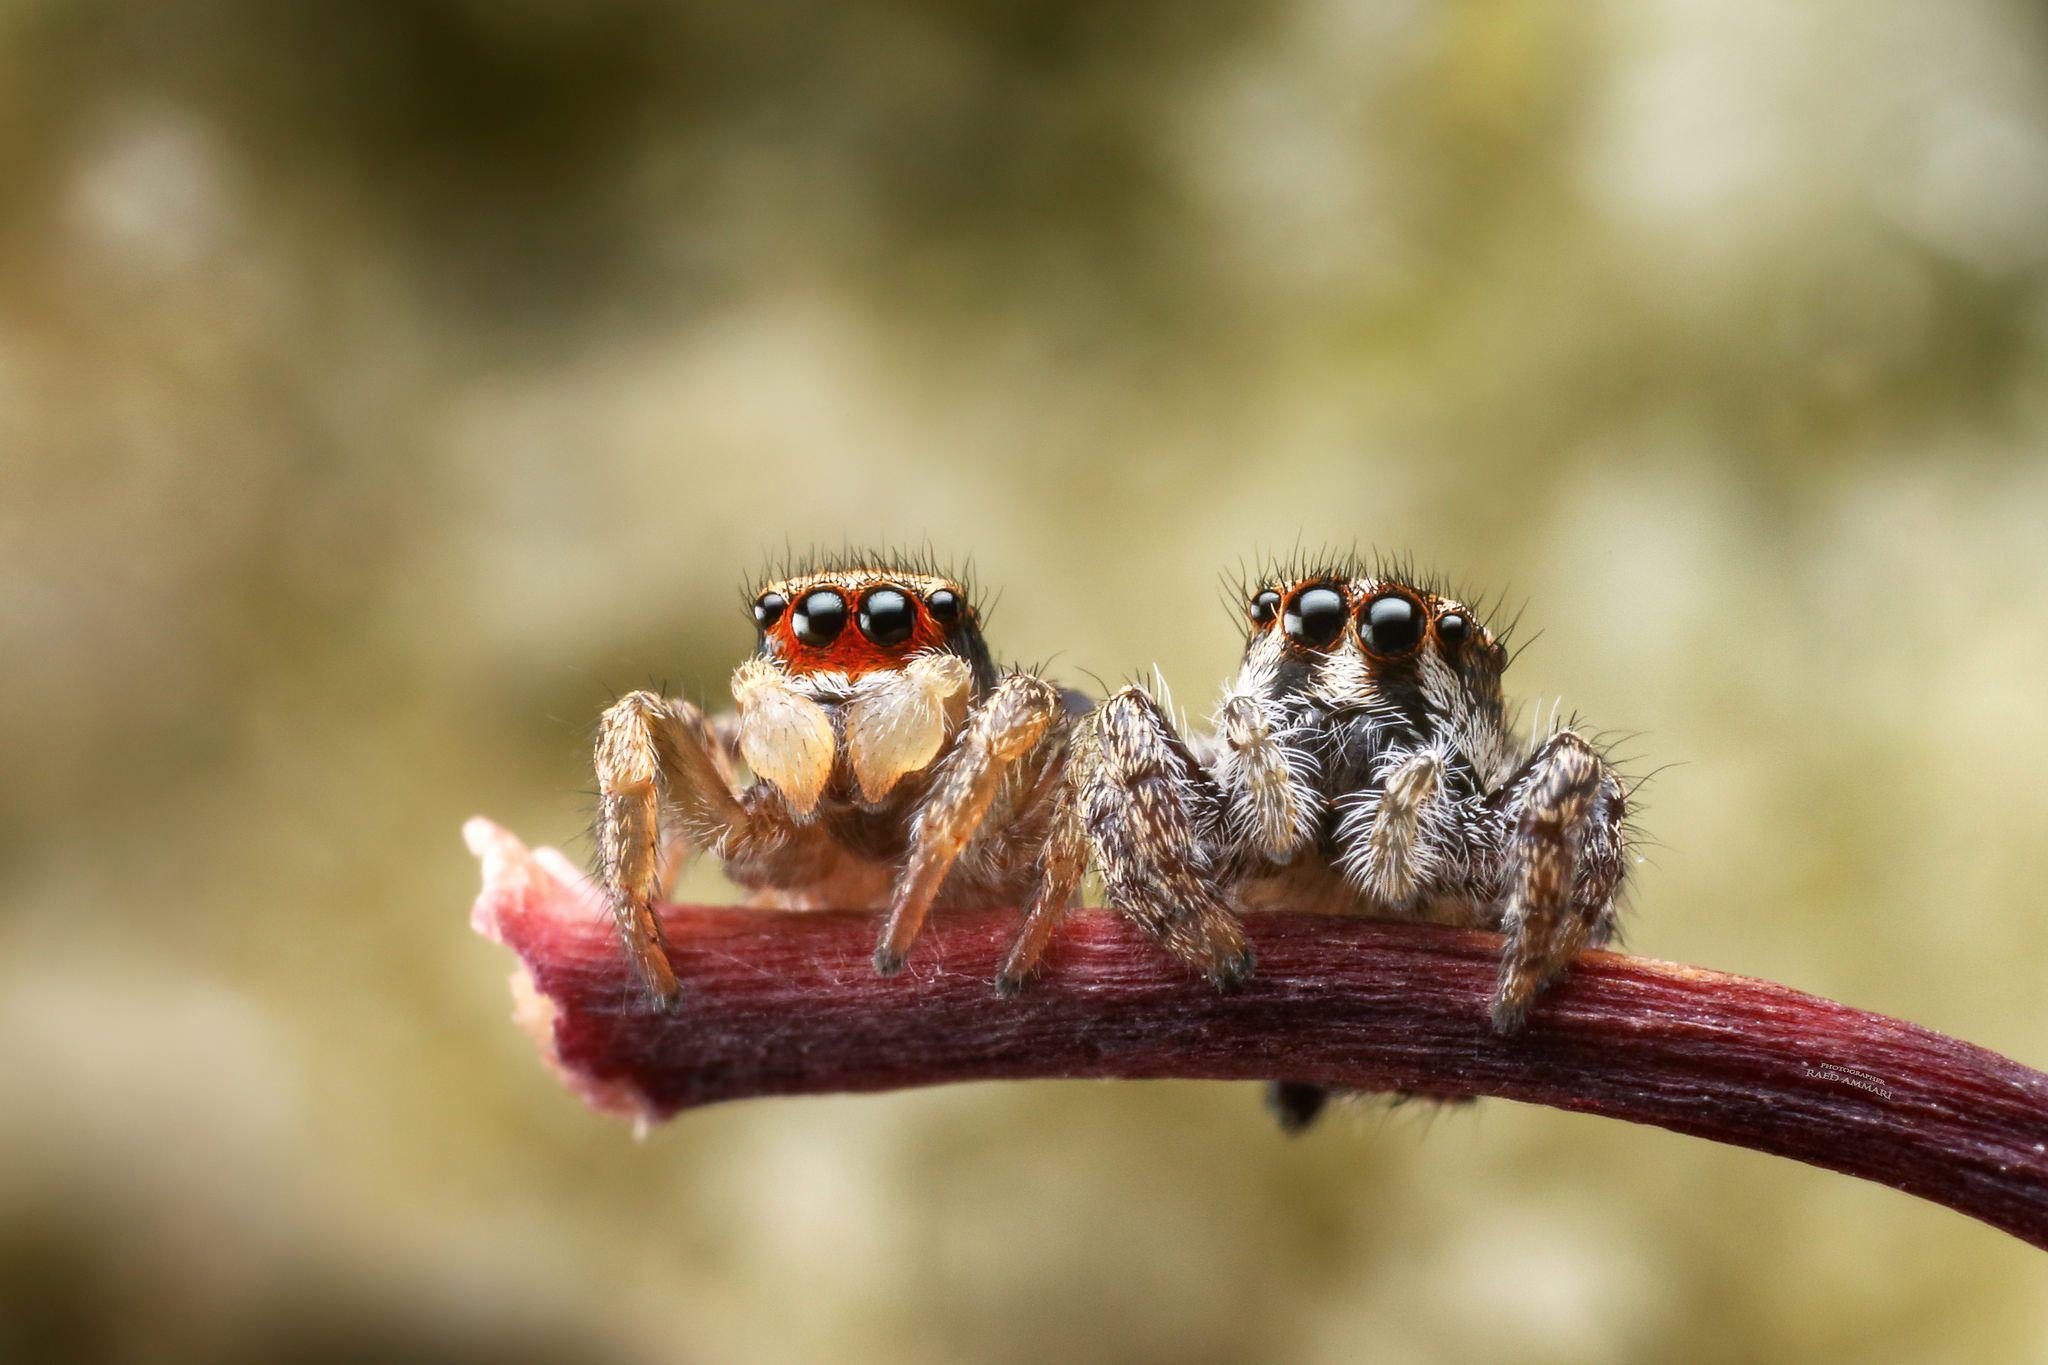 Рогатый паук кругопряд — зачем ему шипы и опасен ли он для человека?